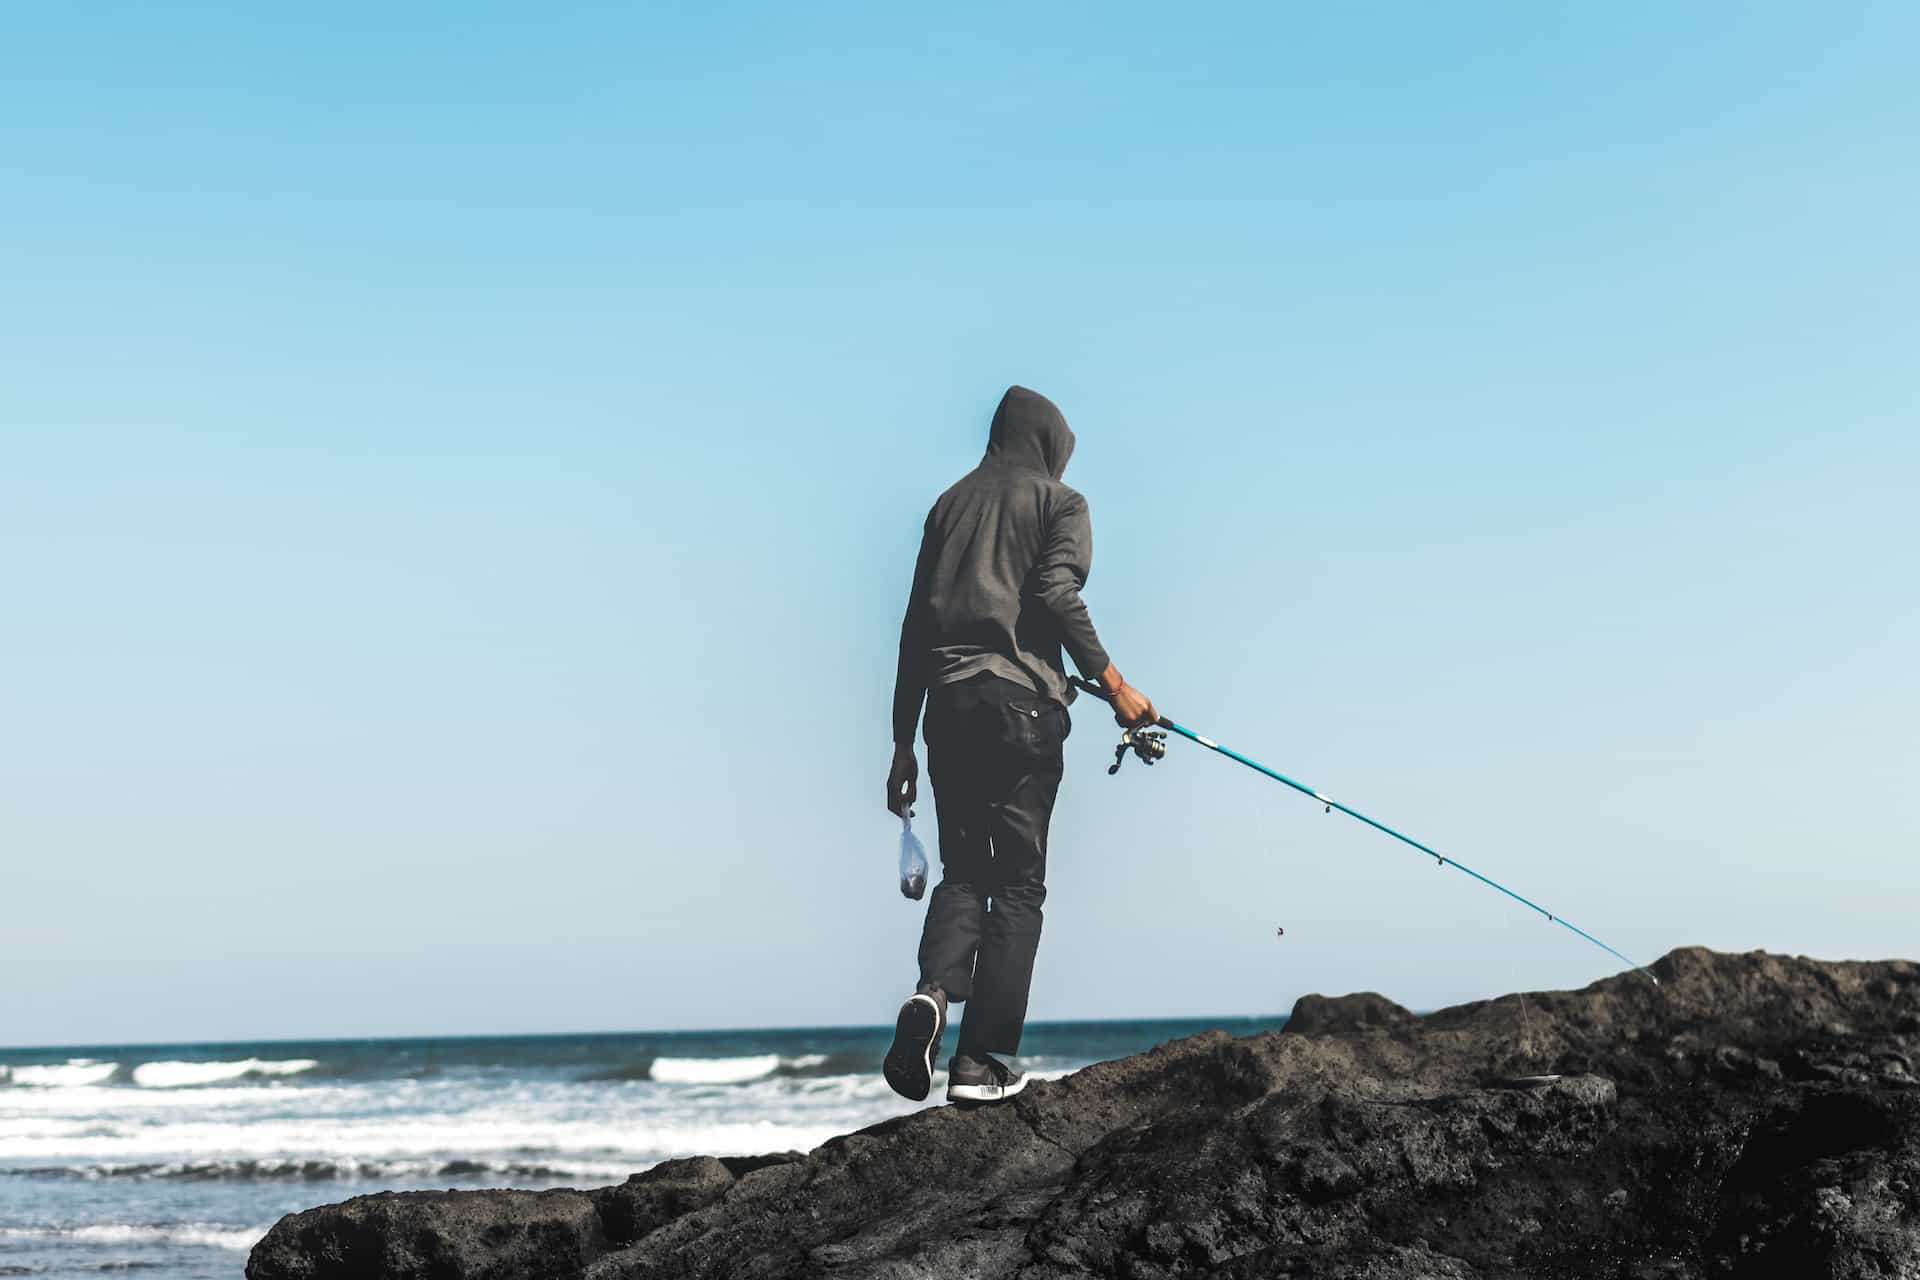 Junger Mann steht mit Ruecken zur Kamera und einer Angel am Meer